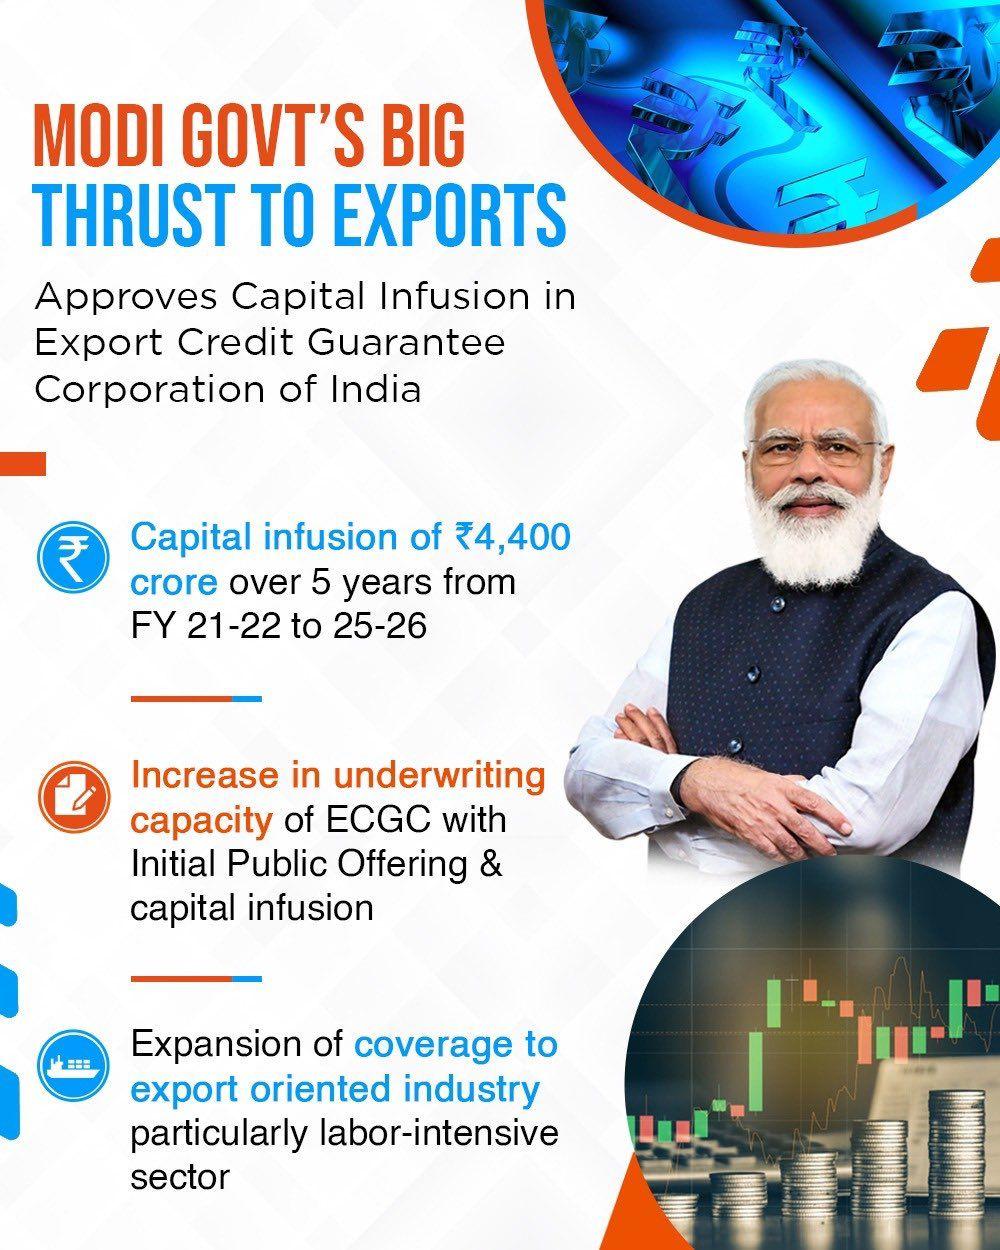 सरकार ने निर्यातकों के साथ-साथ बैंकों को सहायता प्रदान करने के उद्देश्य से ईसीजीसी लिमिटेड में पांच वर्षों में 4,400 करोड़ रुपये के निवेश को मंजूरी दी